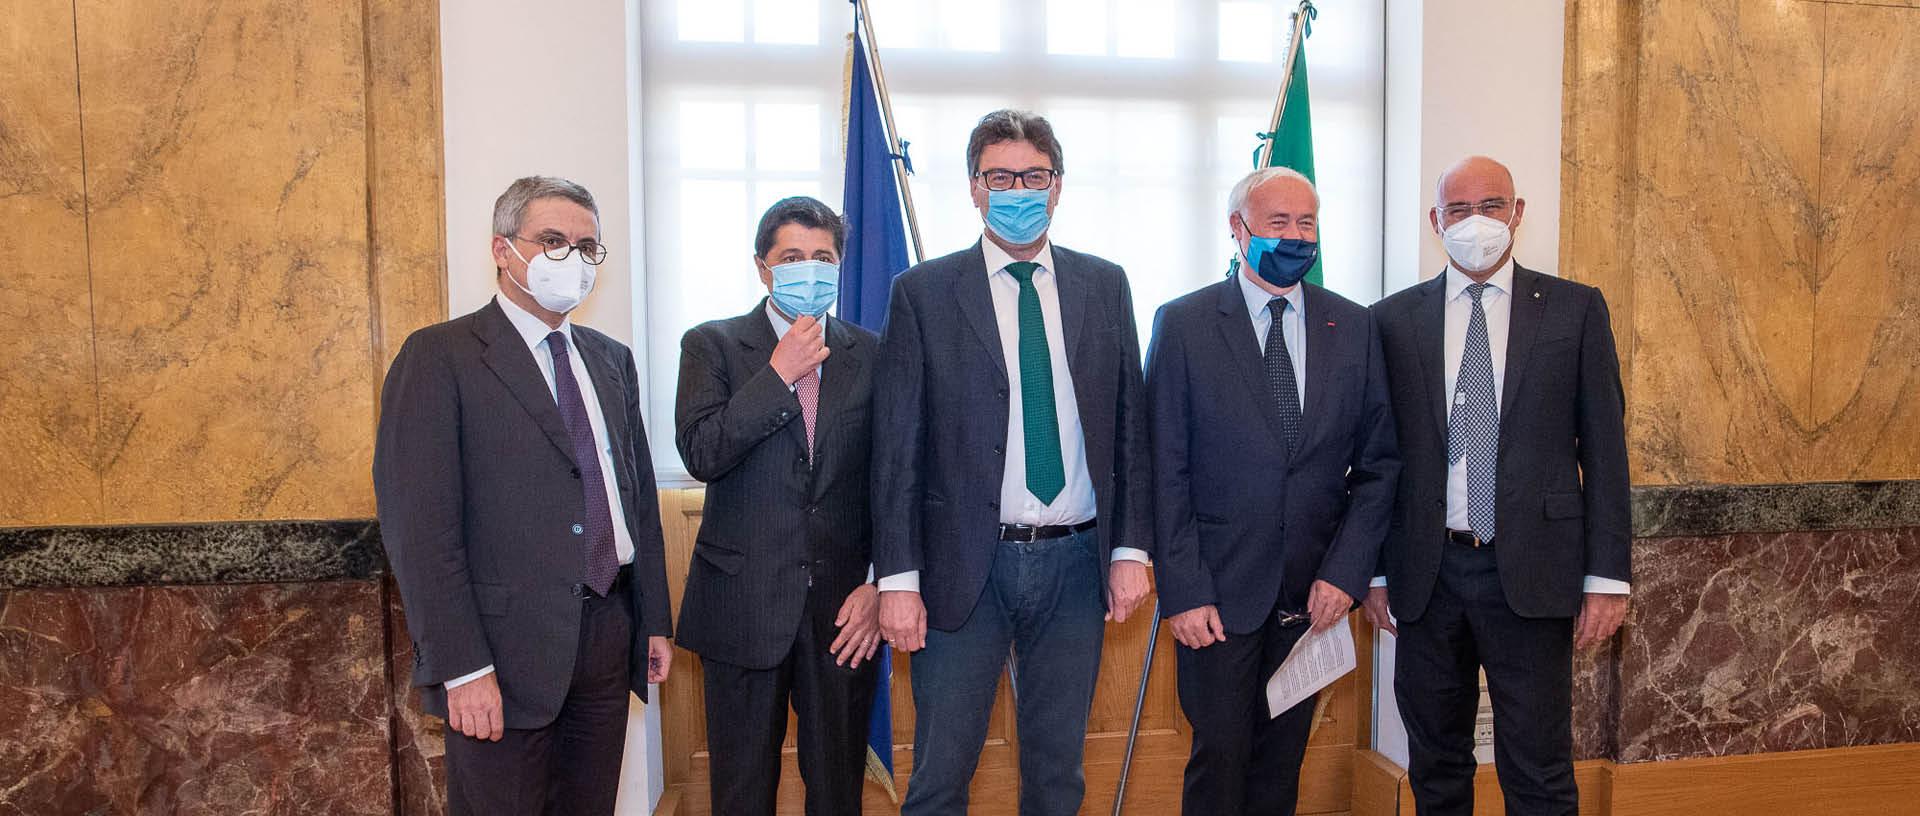 STMicroelectronics e Politecnico di Milano insieme per un centro di ricerca sui materiali destinati ai sensori